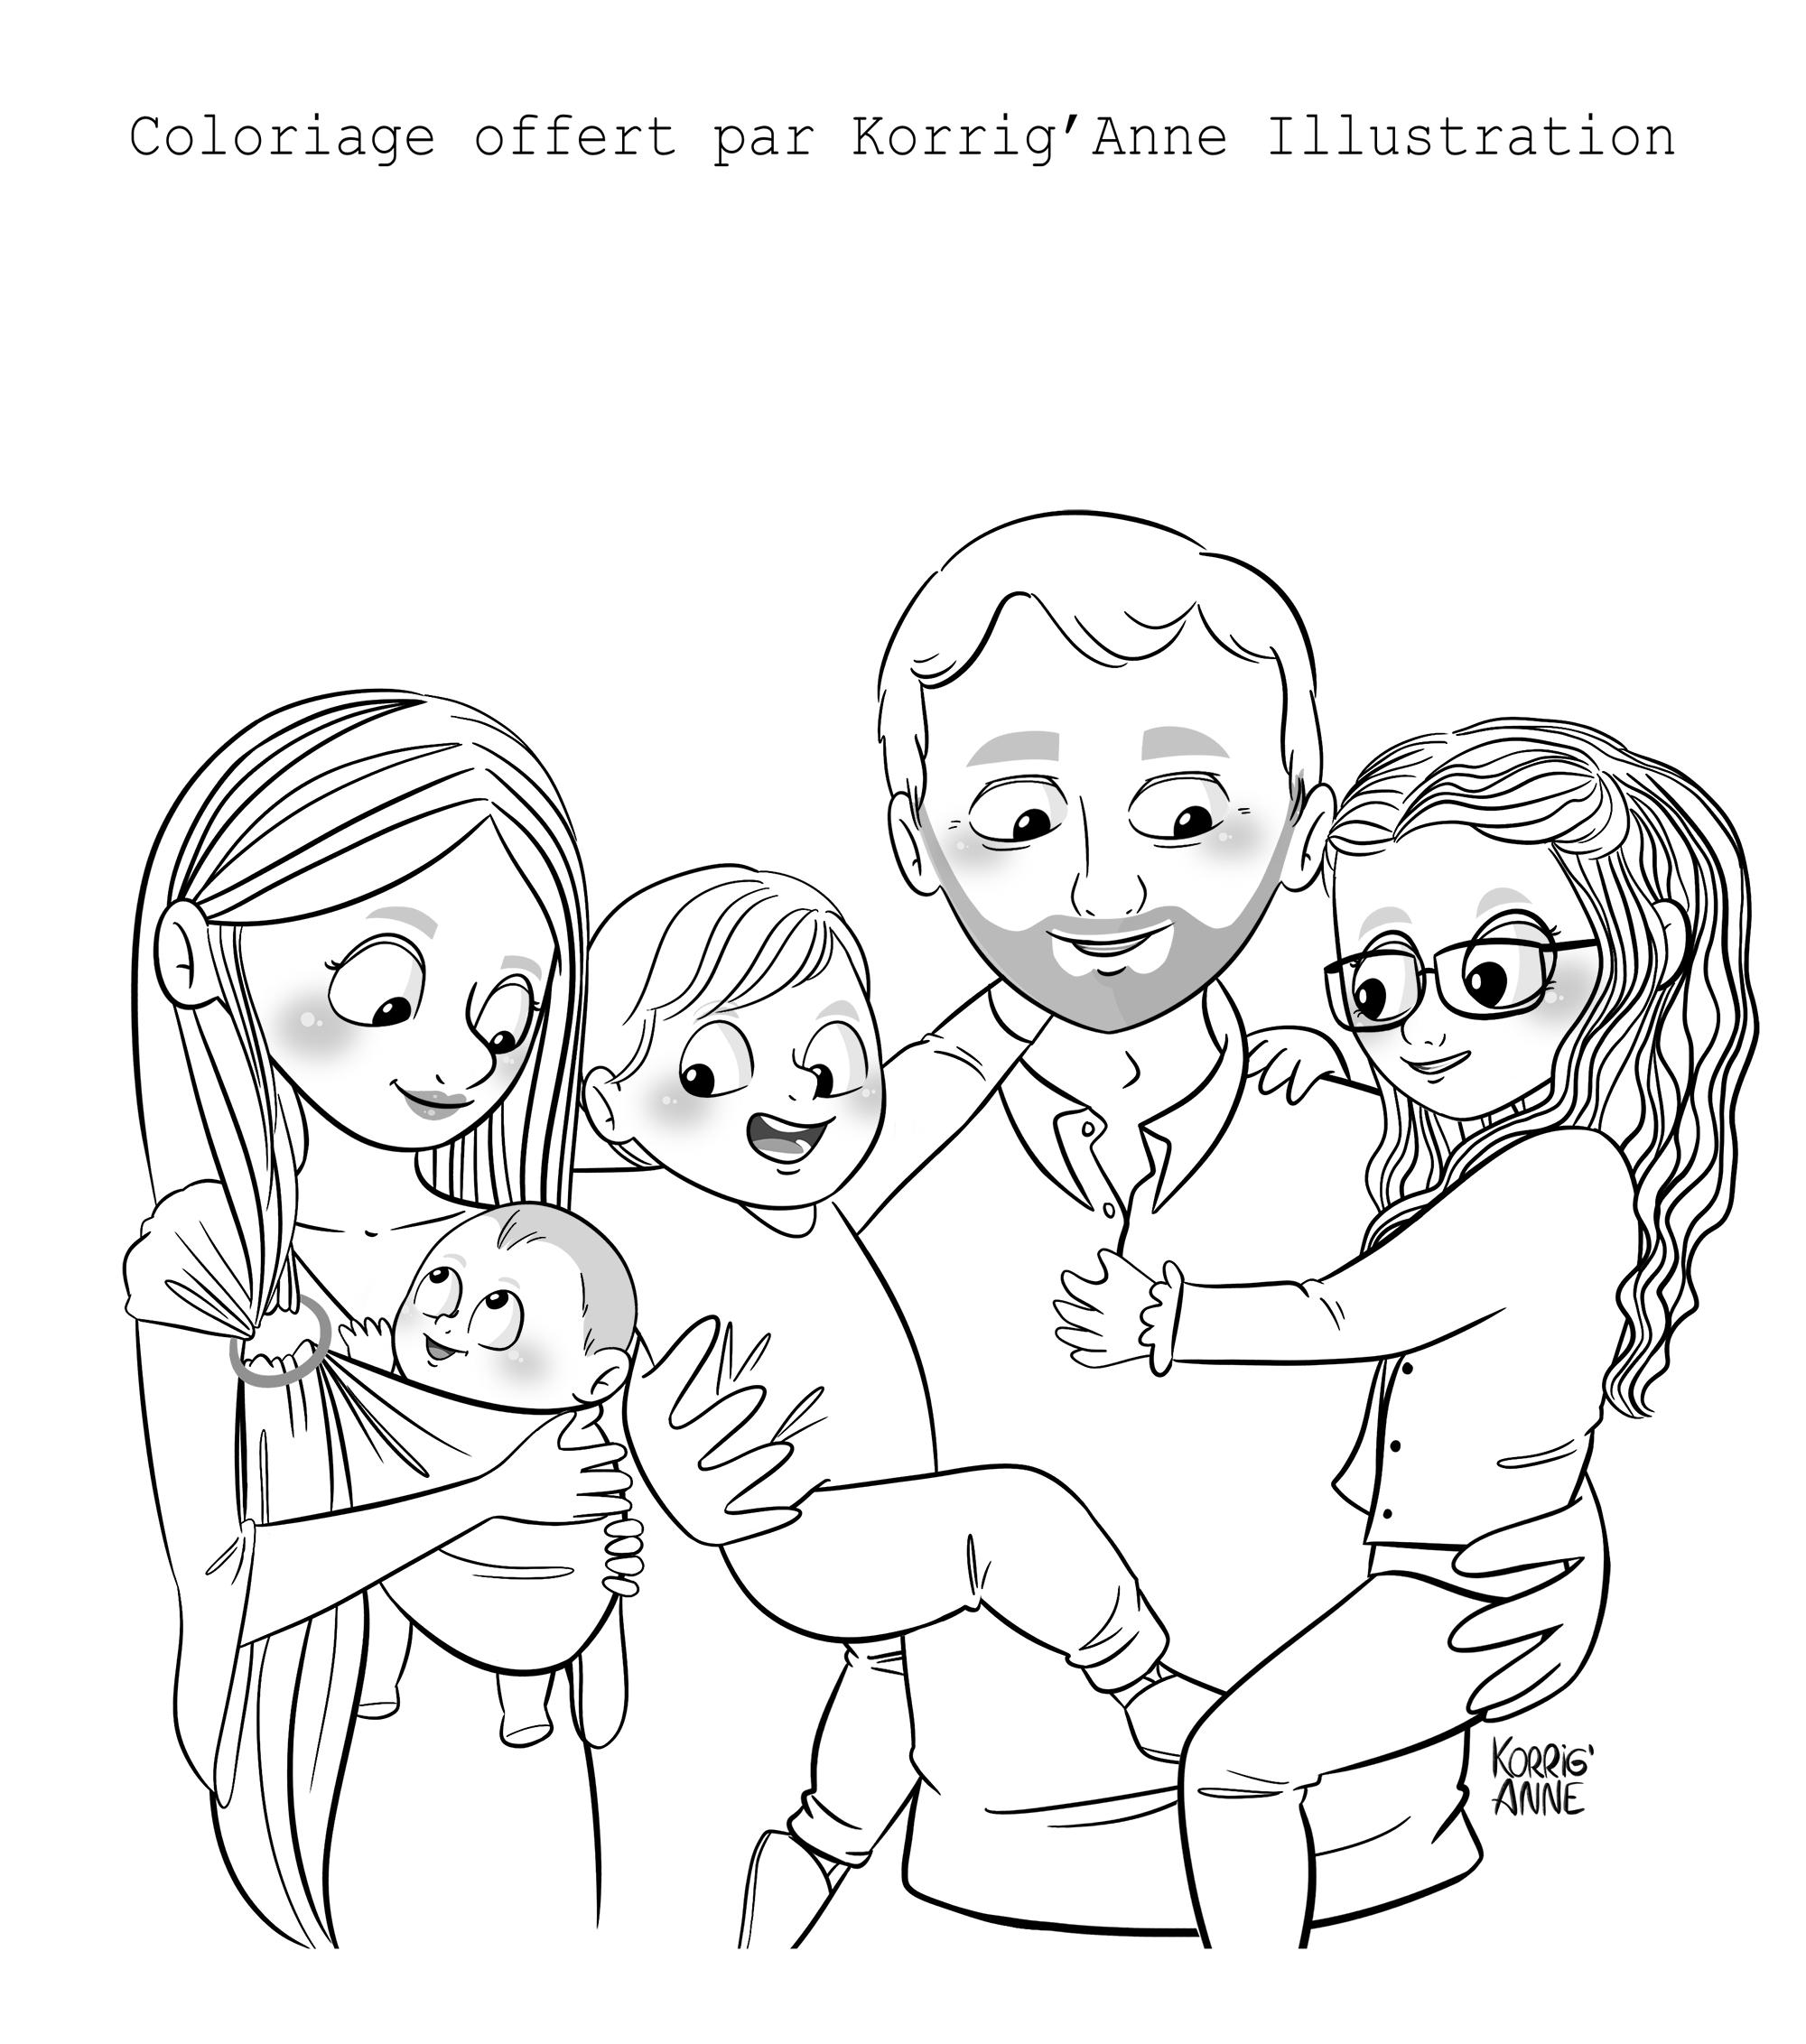 Famille en coloriage gratuit   Coloriage, Coloriage gratuit, Colorier